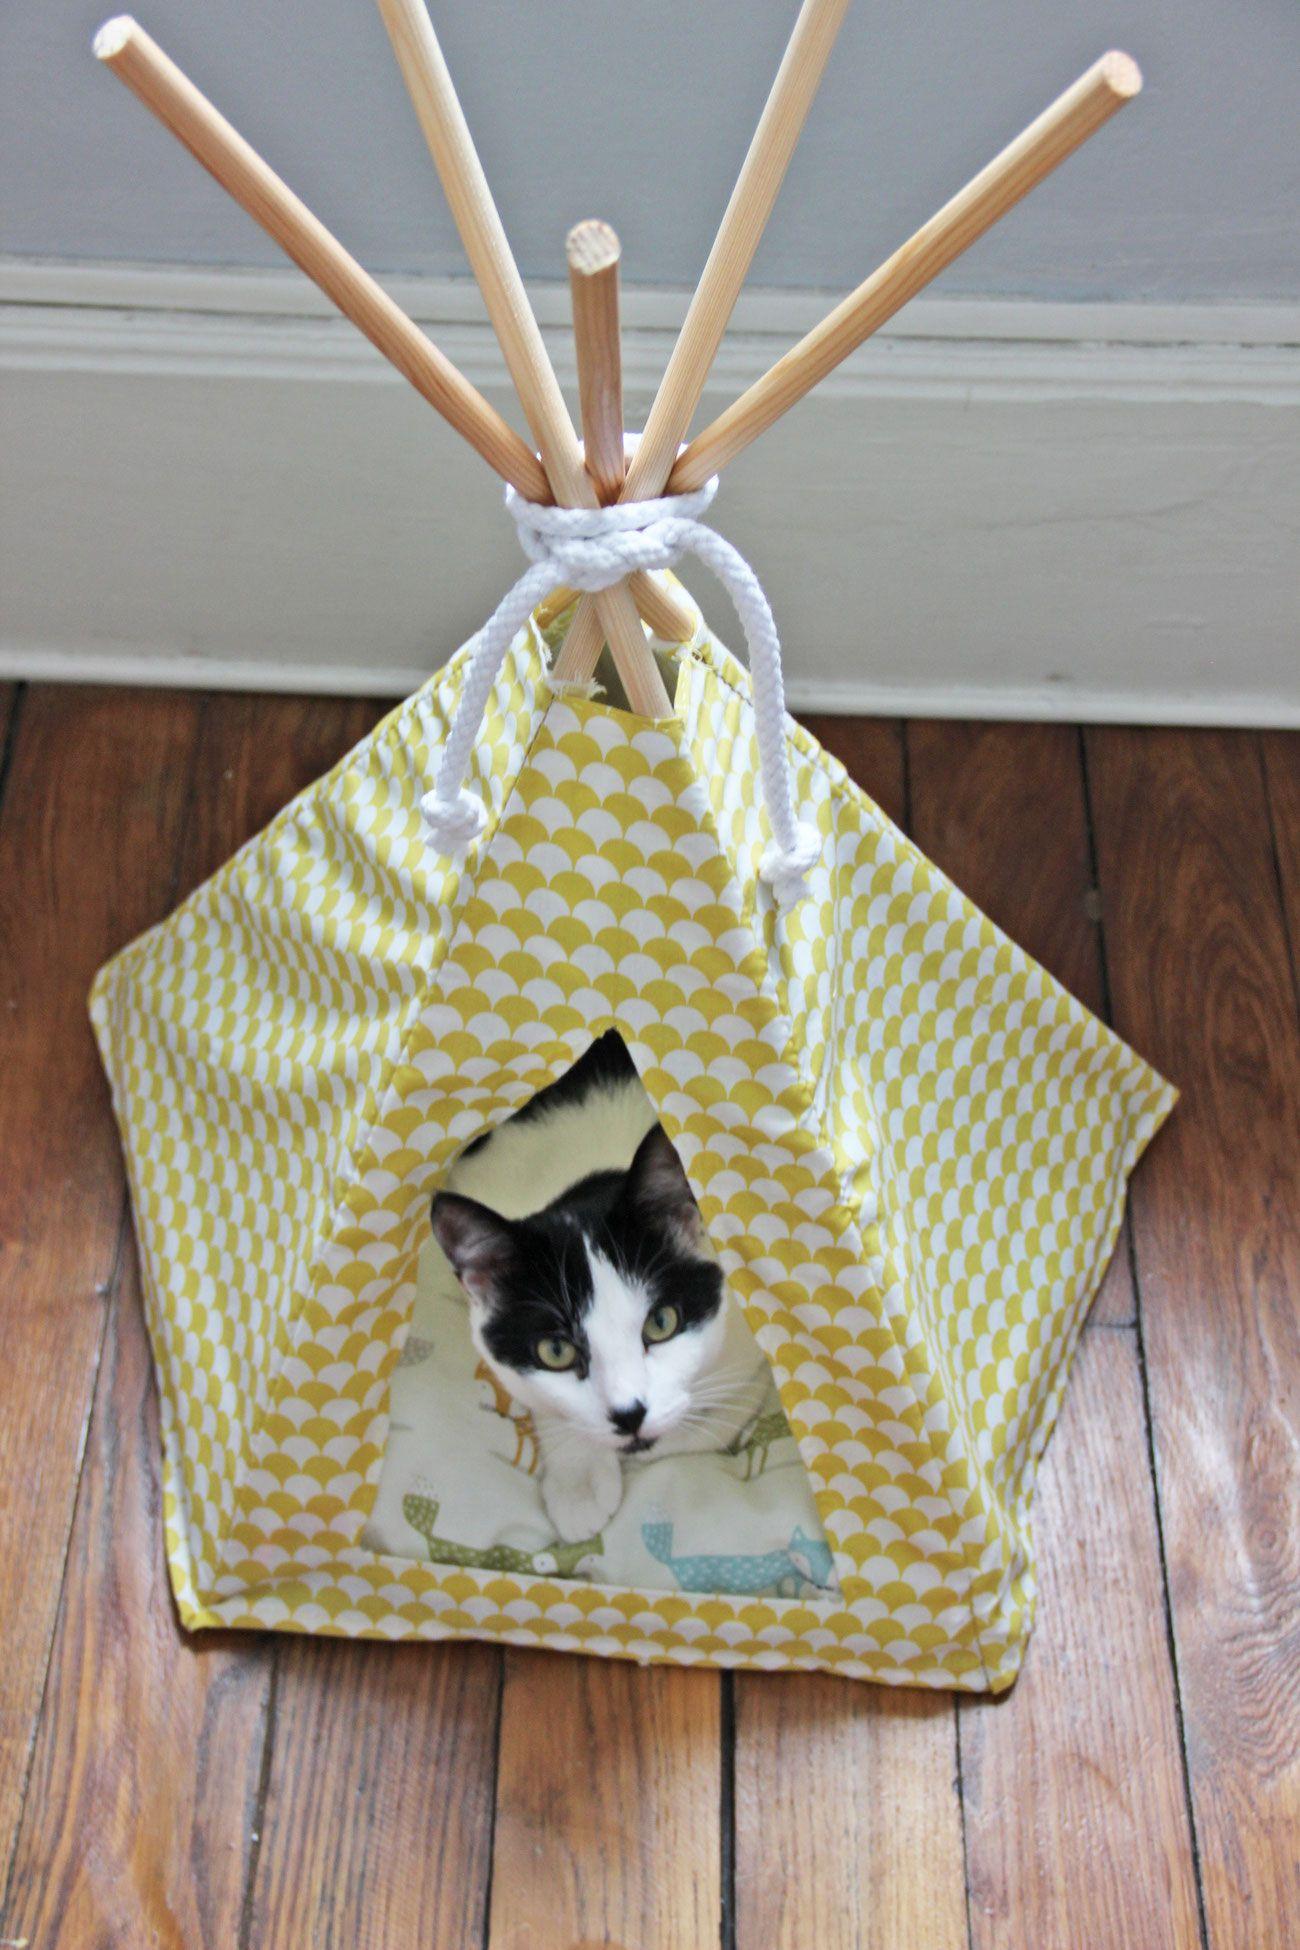 Tipi Pour Chat A Fabriquer diy #6 - un tipi pour mon chat | tipi pour chat, un tipi et